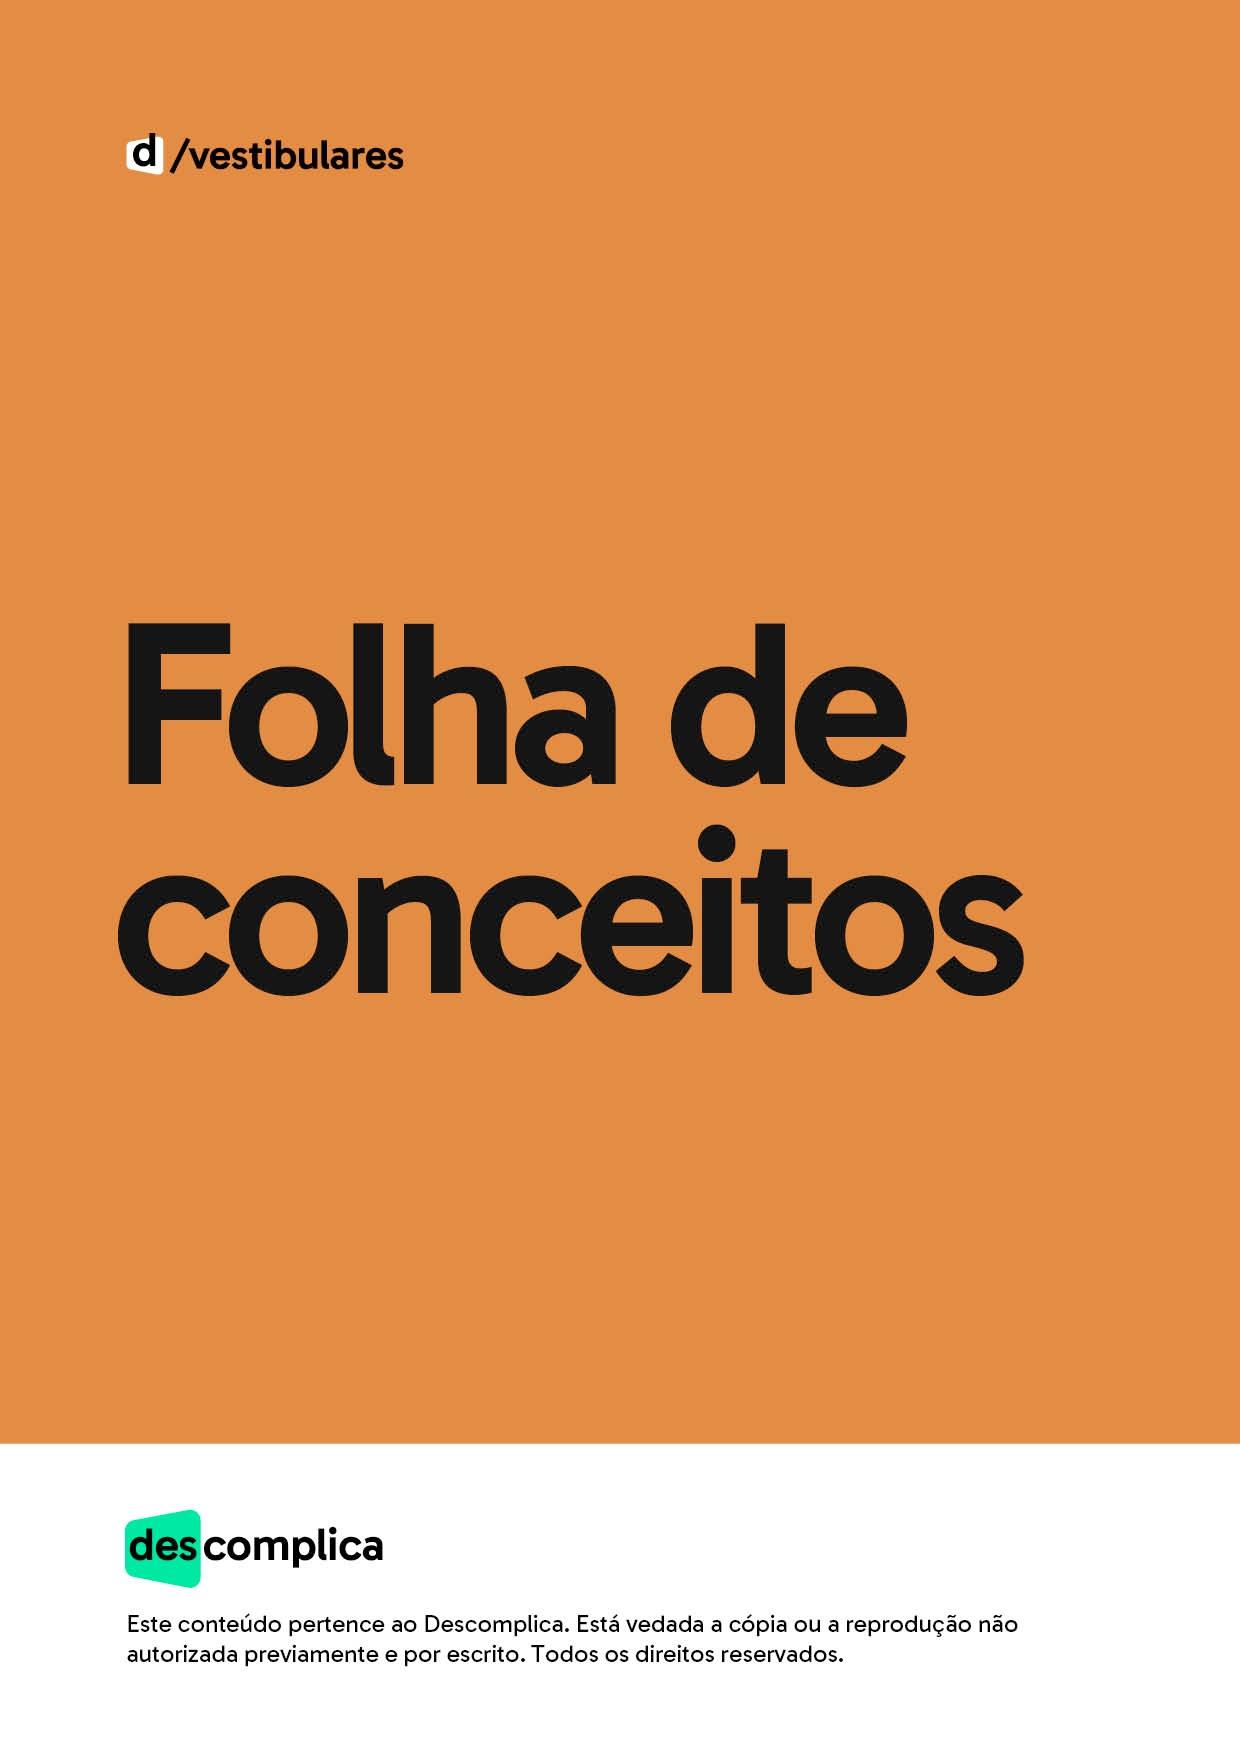 Folha-conceitos.jpg